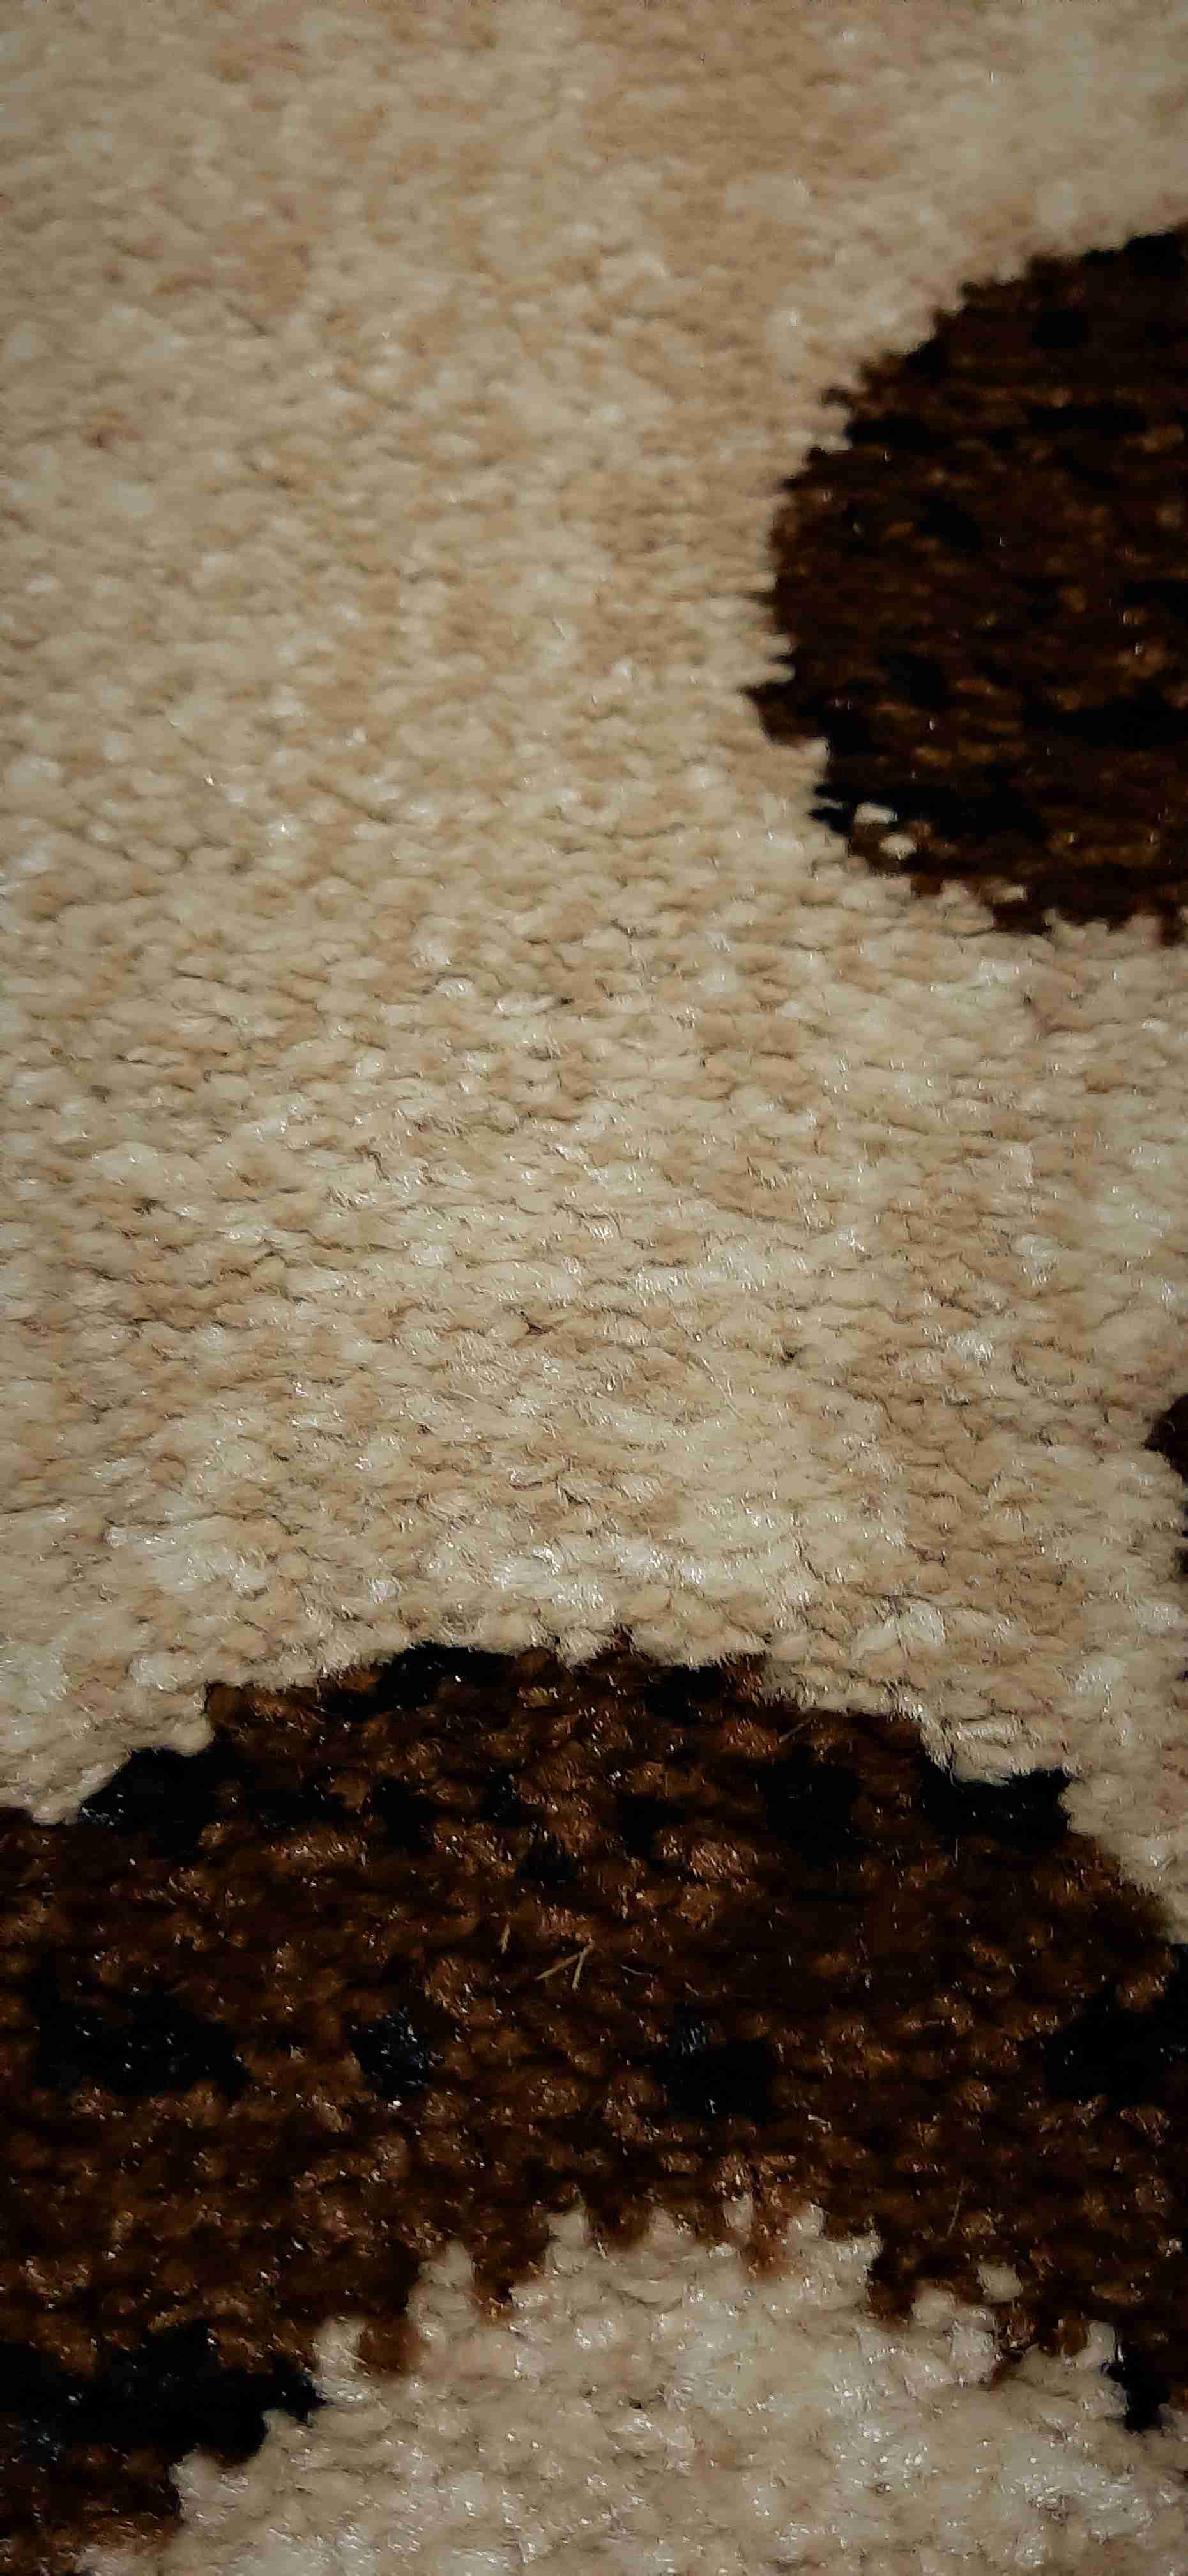 Traversa Covor, Cappuccino 16028-118, Bej / Maro, 100x300 cm, 1800 gr/mp 4